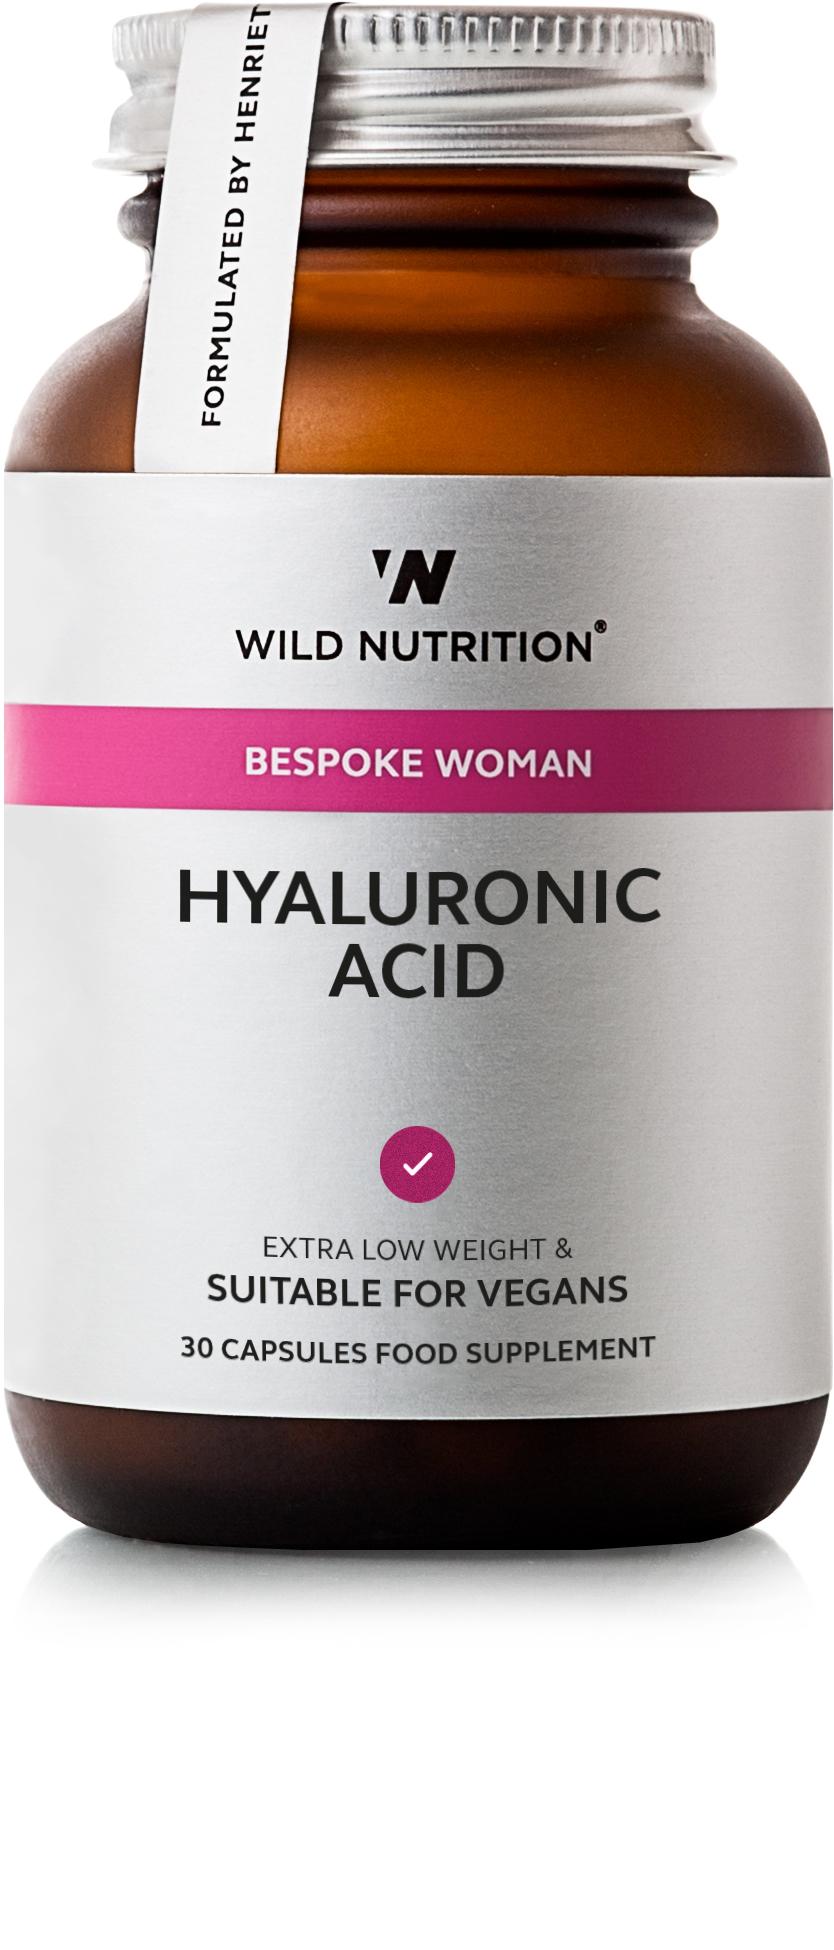 Bespoke Woman Hyaluronic Acid 30's